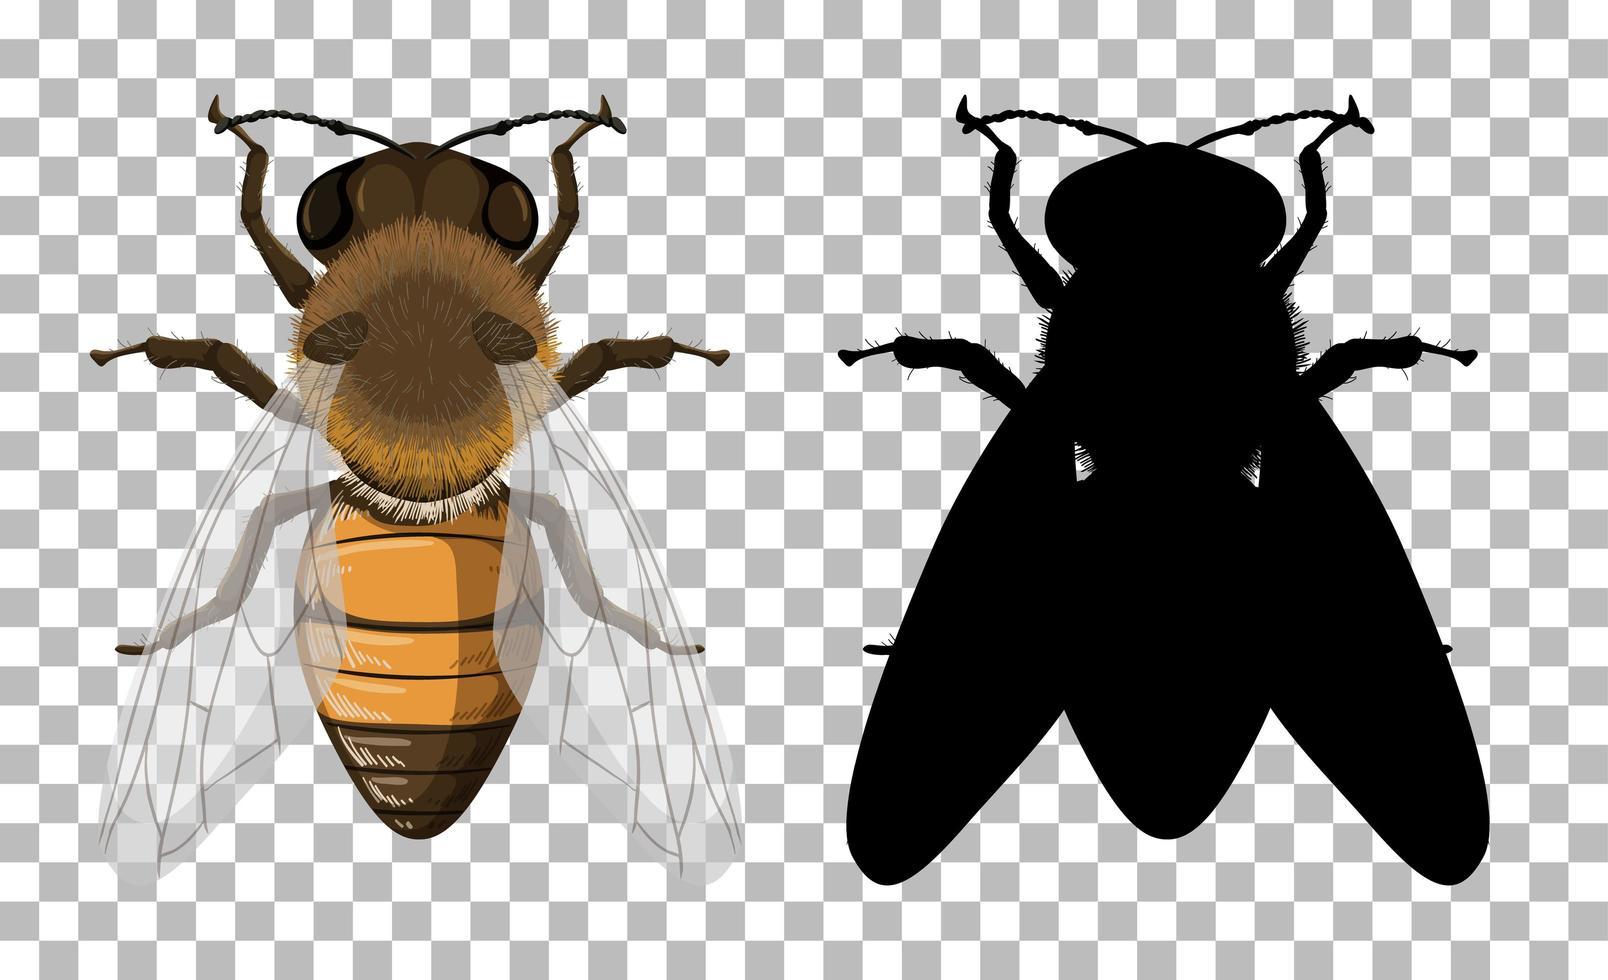 honingbij met zijn silhouet op transparante achtergrond vector